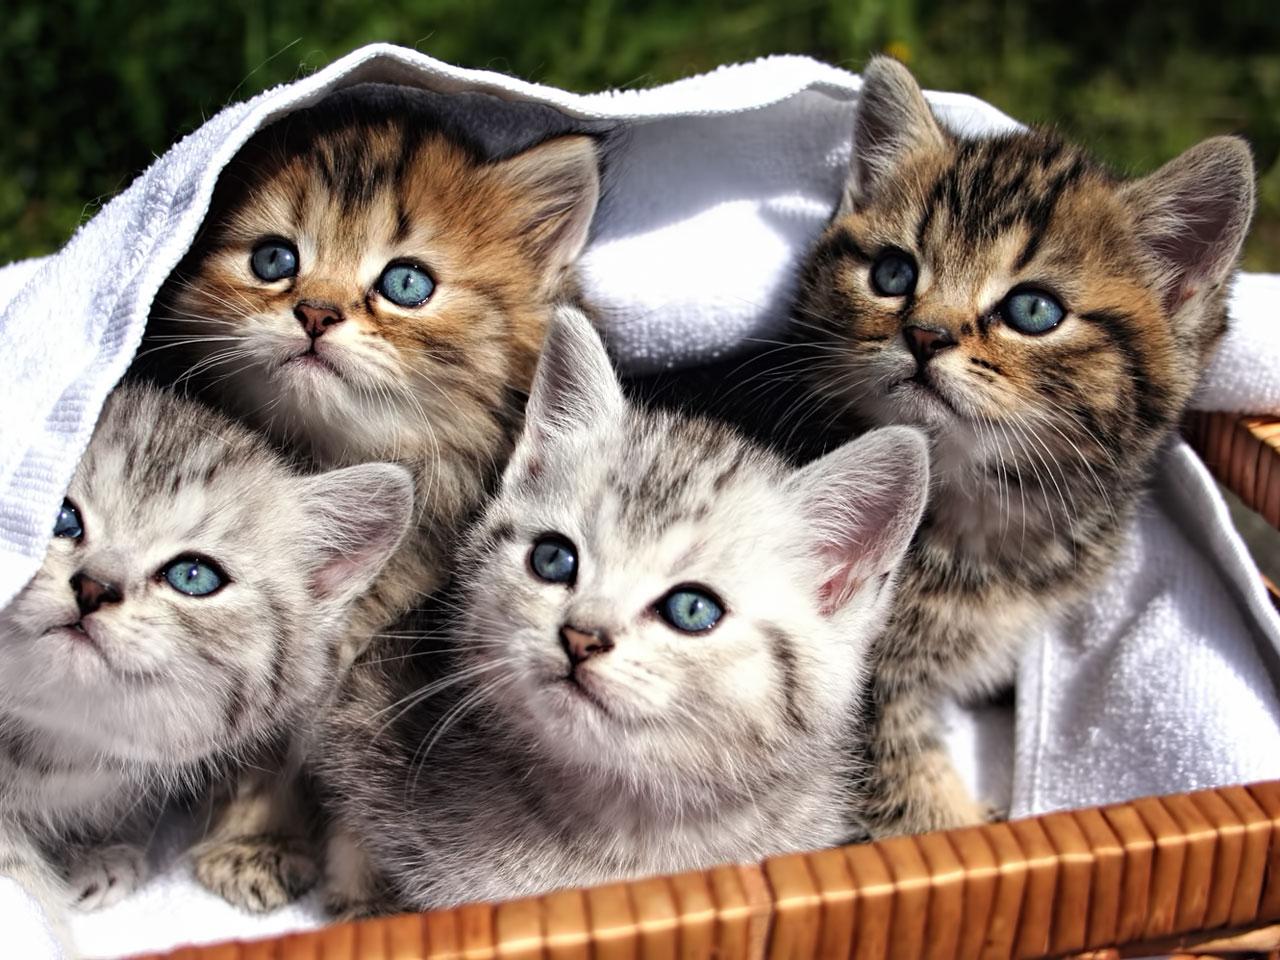 Süße Katzenbabys schauen neugierig aus Weidenkorb